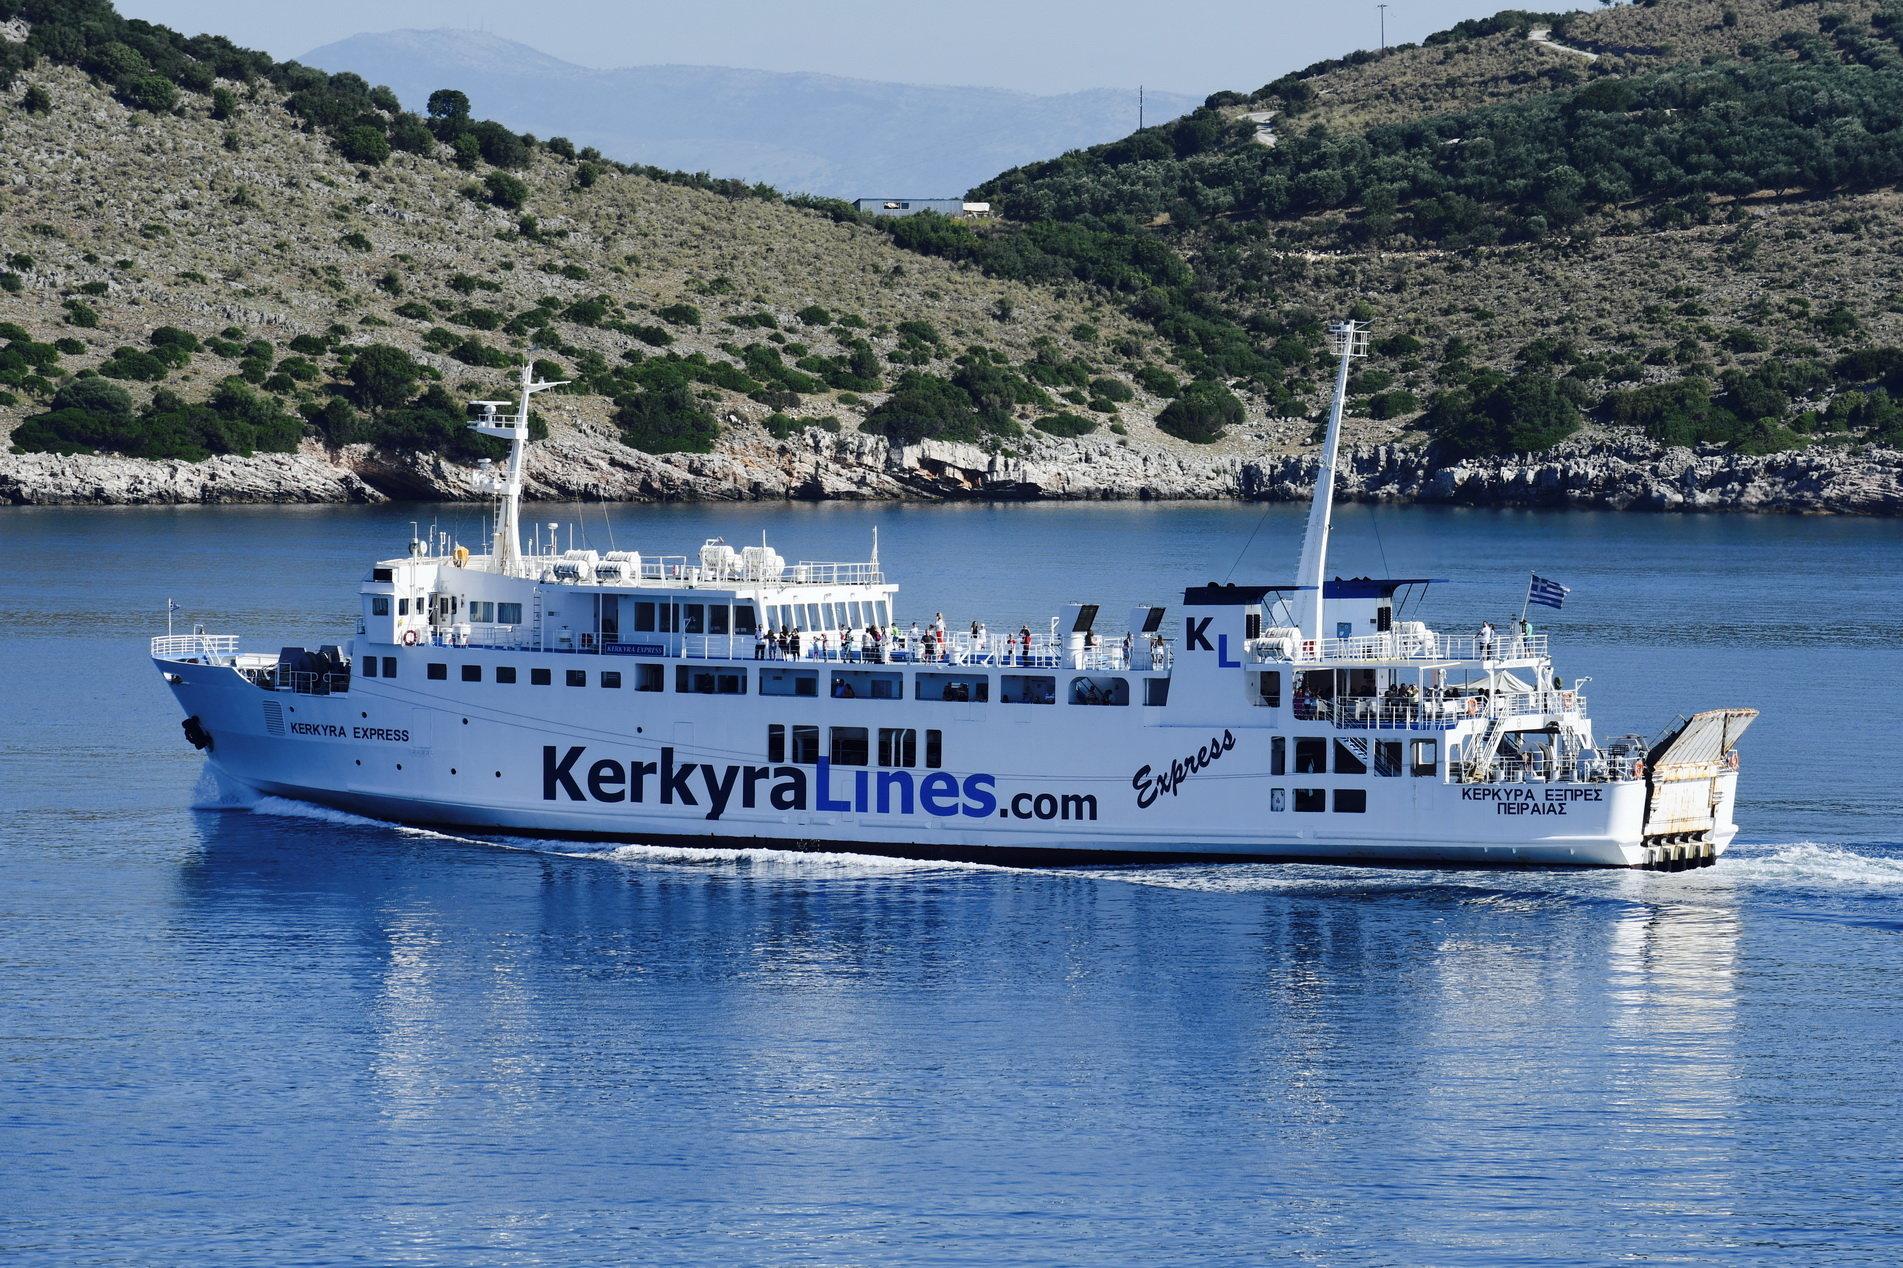 Kerkyra Express_03-06-18_Igoumenitsa_2